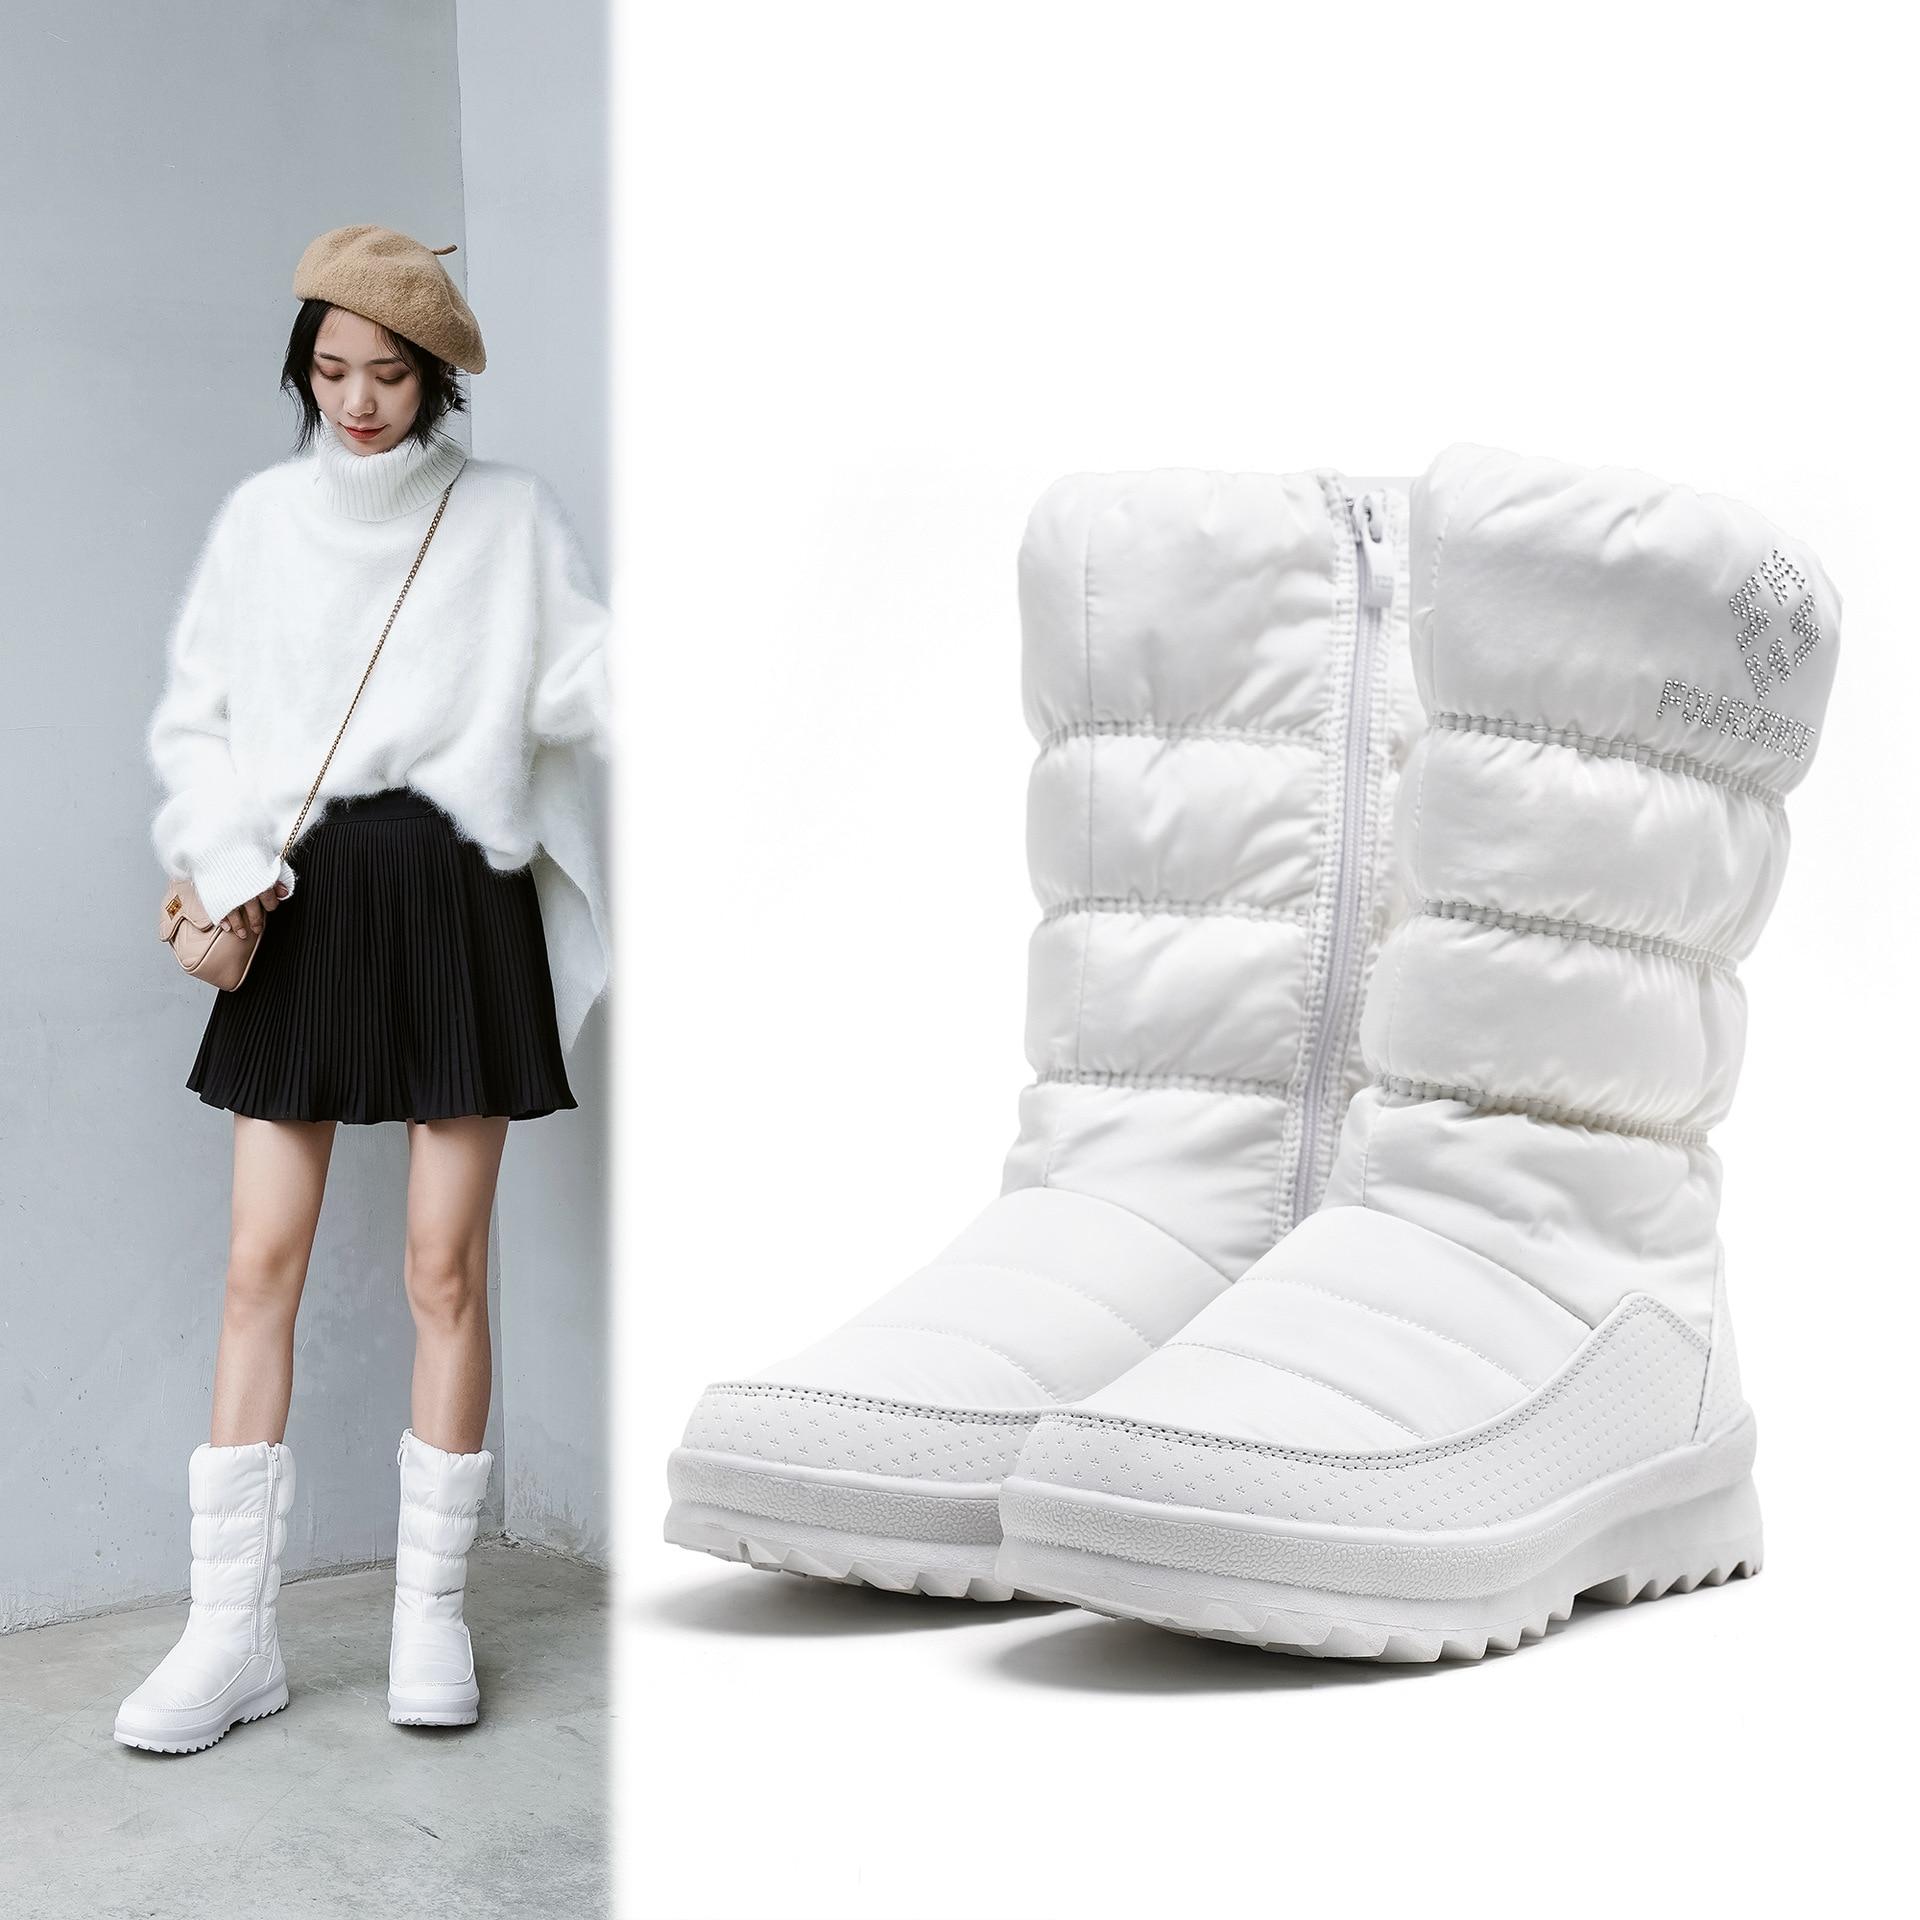 Tube de loisirs de mode chaud, imperméable à l'eau, résistant à l'usure en duvet bottes de neige femmes fermeture éclair latérale bottes pour femmes confortables